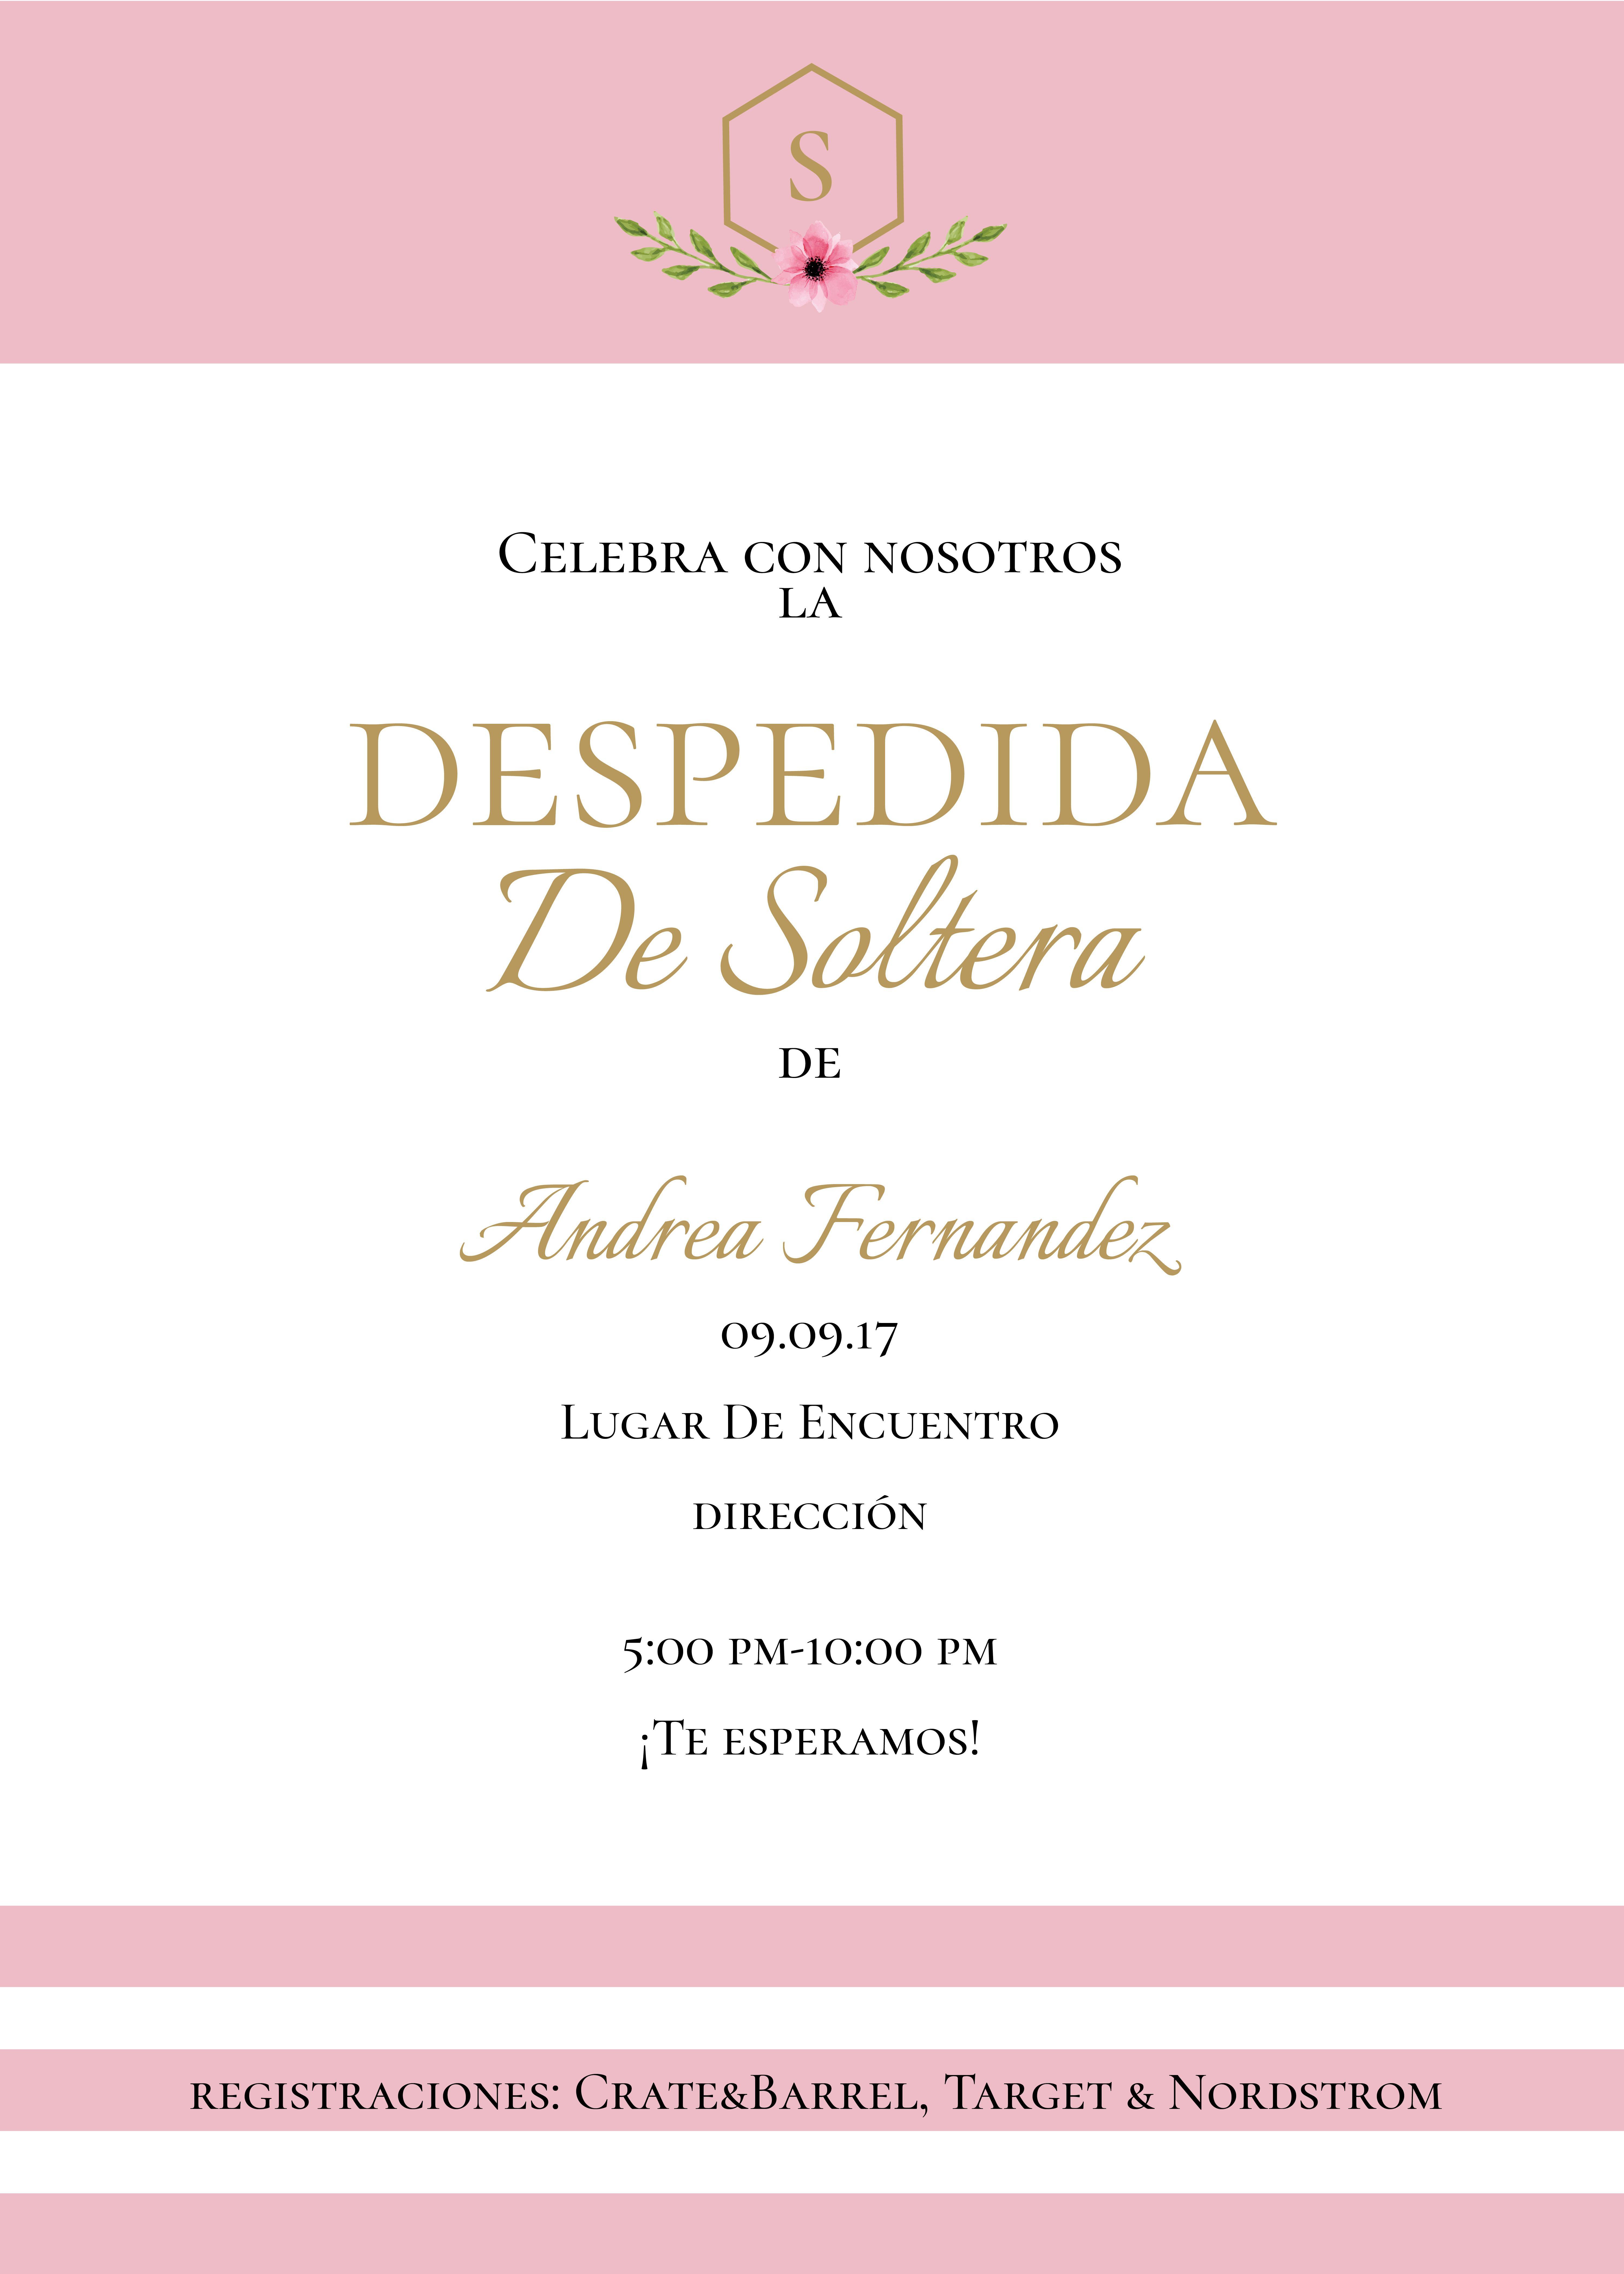 Invitacion Imprimible y Digital Para Despedida De Solteras [Azul ...